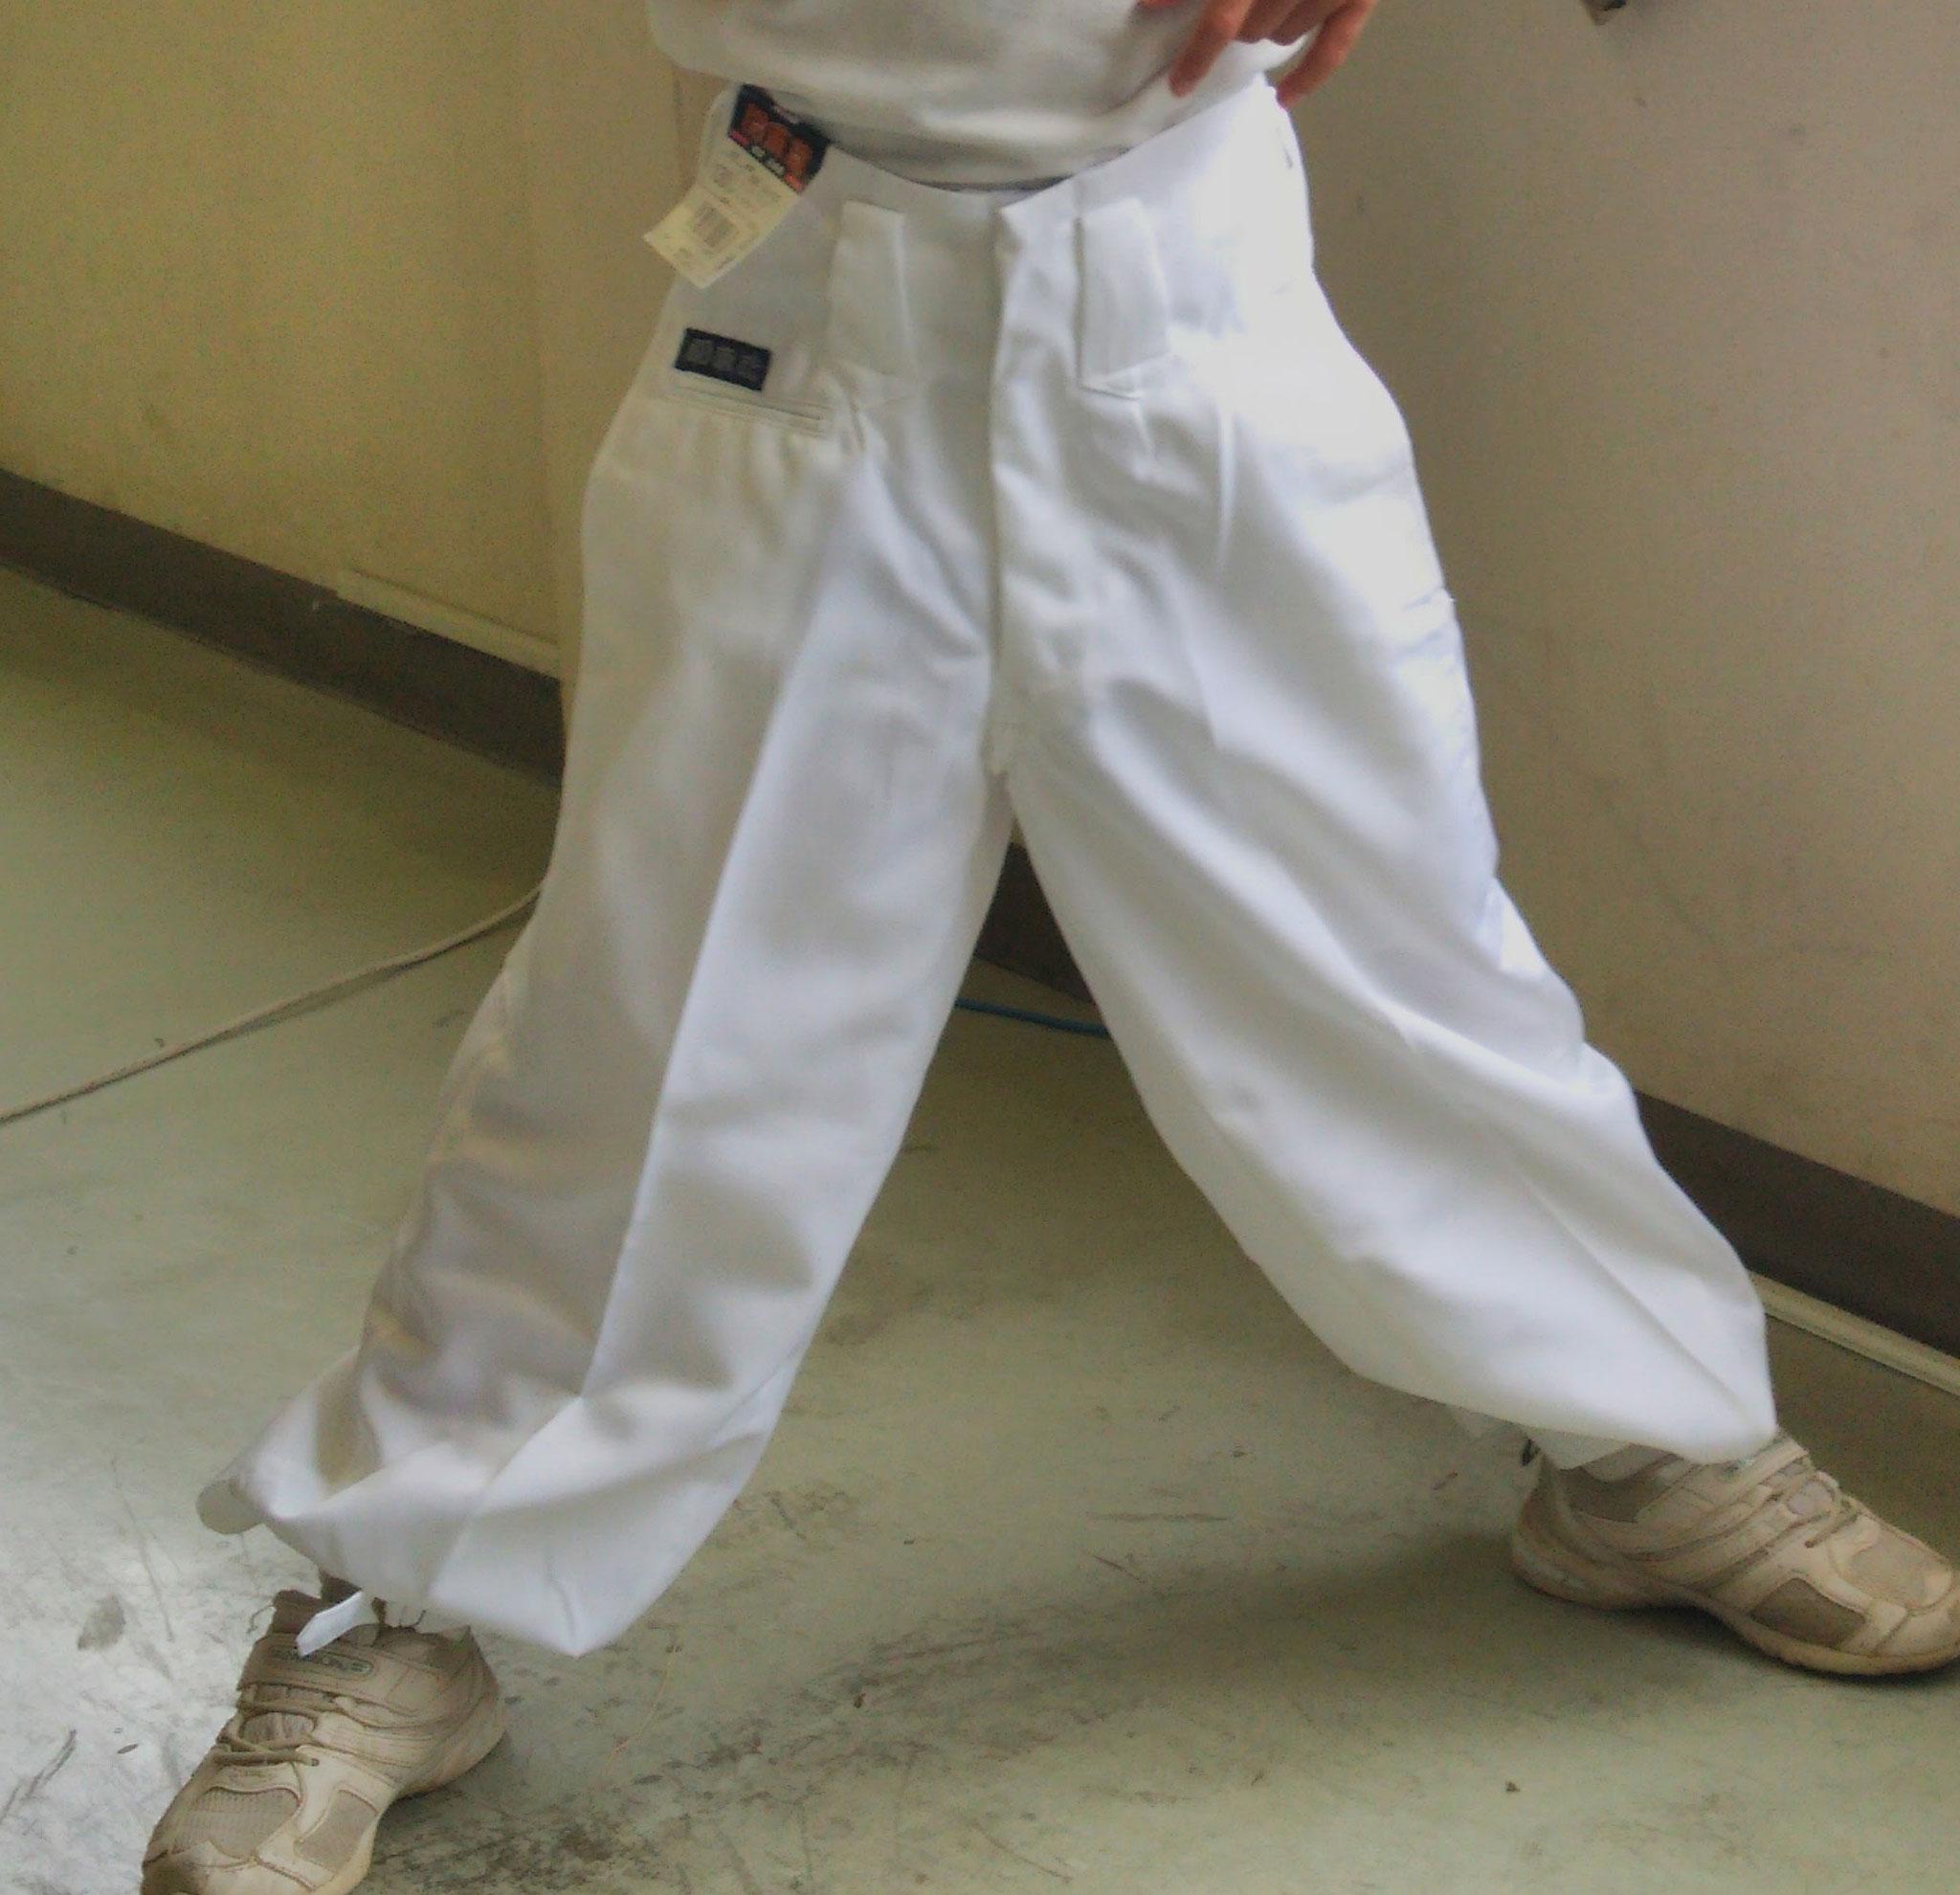 かわいい子供ニッカズボン<白色>¥1,990(税込)SIZE:90・100・110・120・130・140・150・160cm